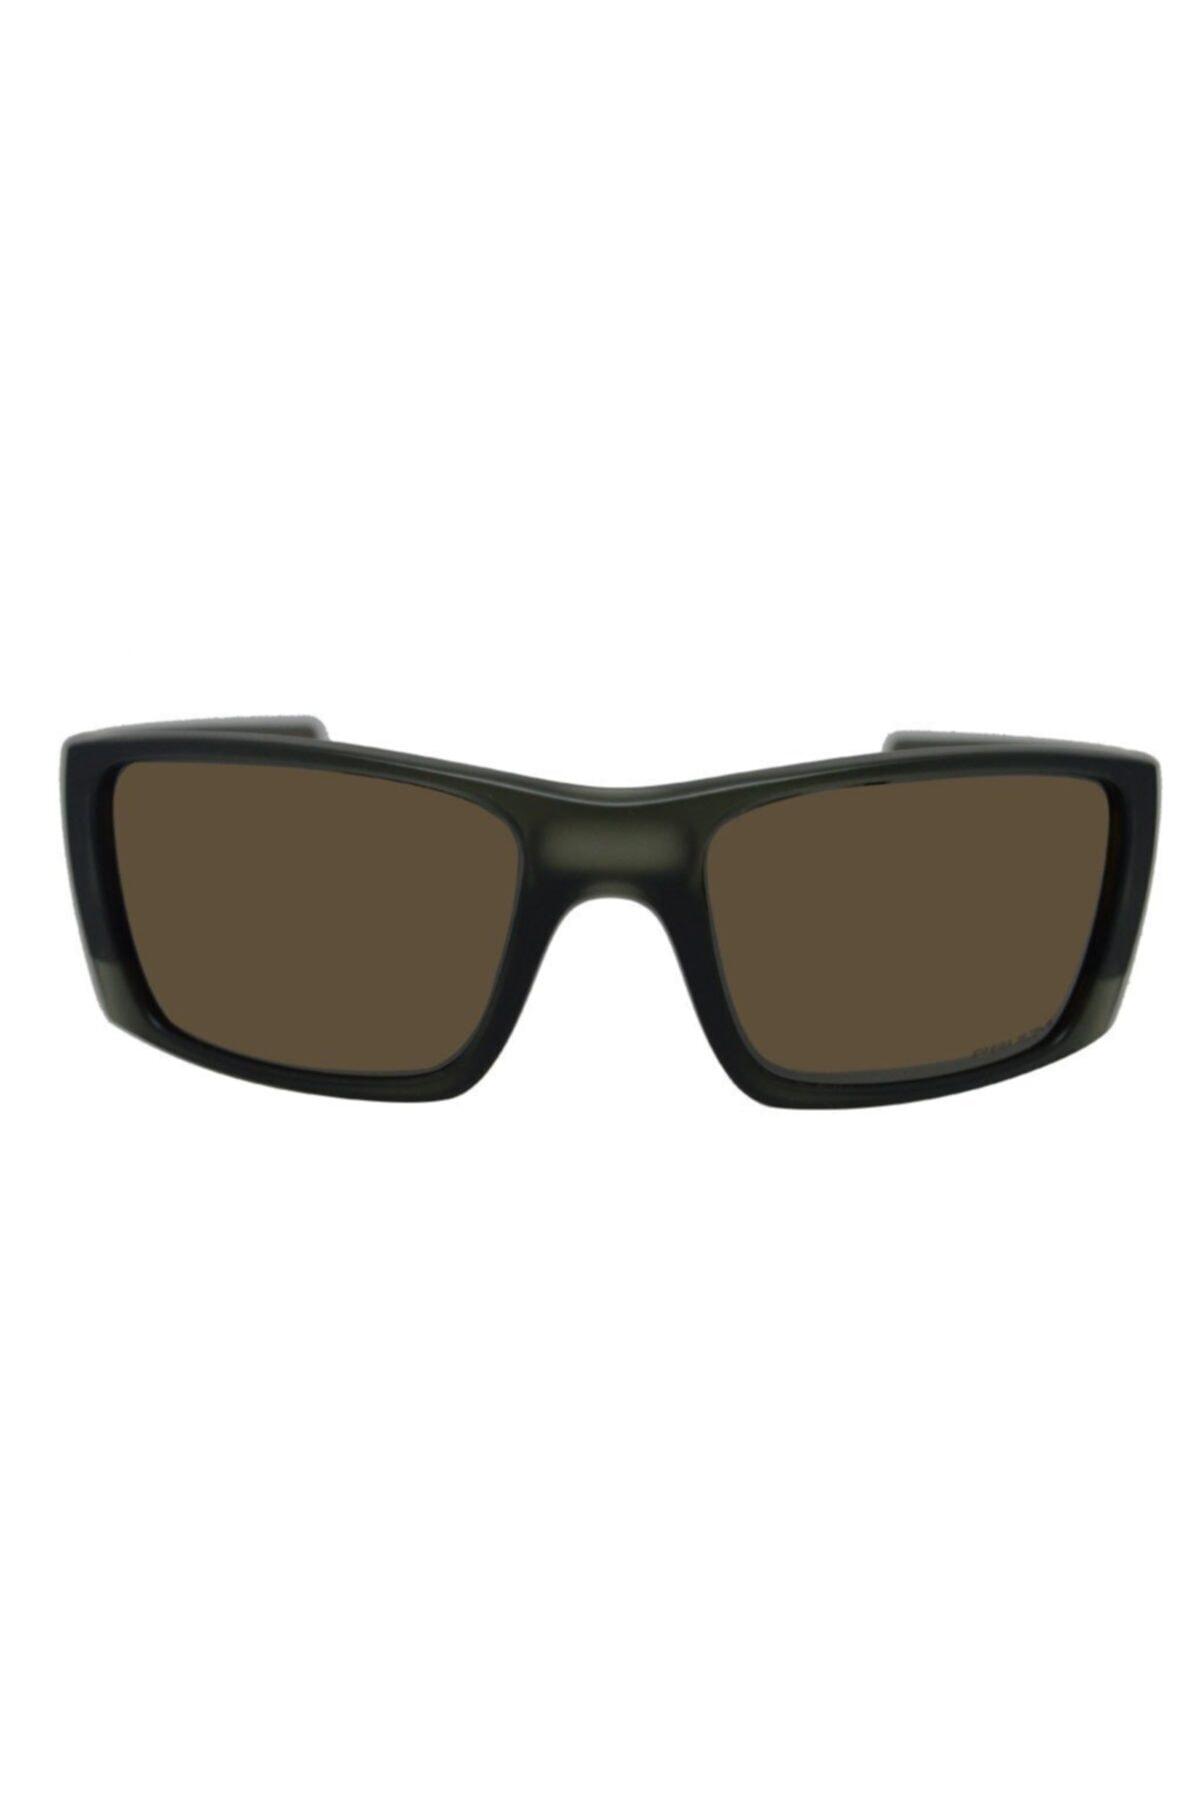 Oakley Oo9096 J560 60 Güneş Gözlüğü 2